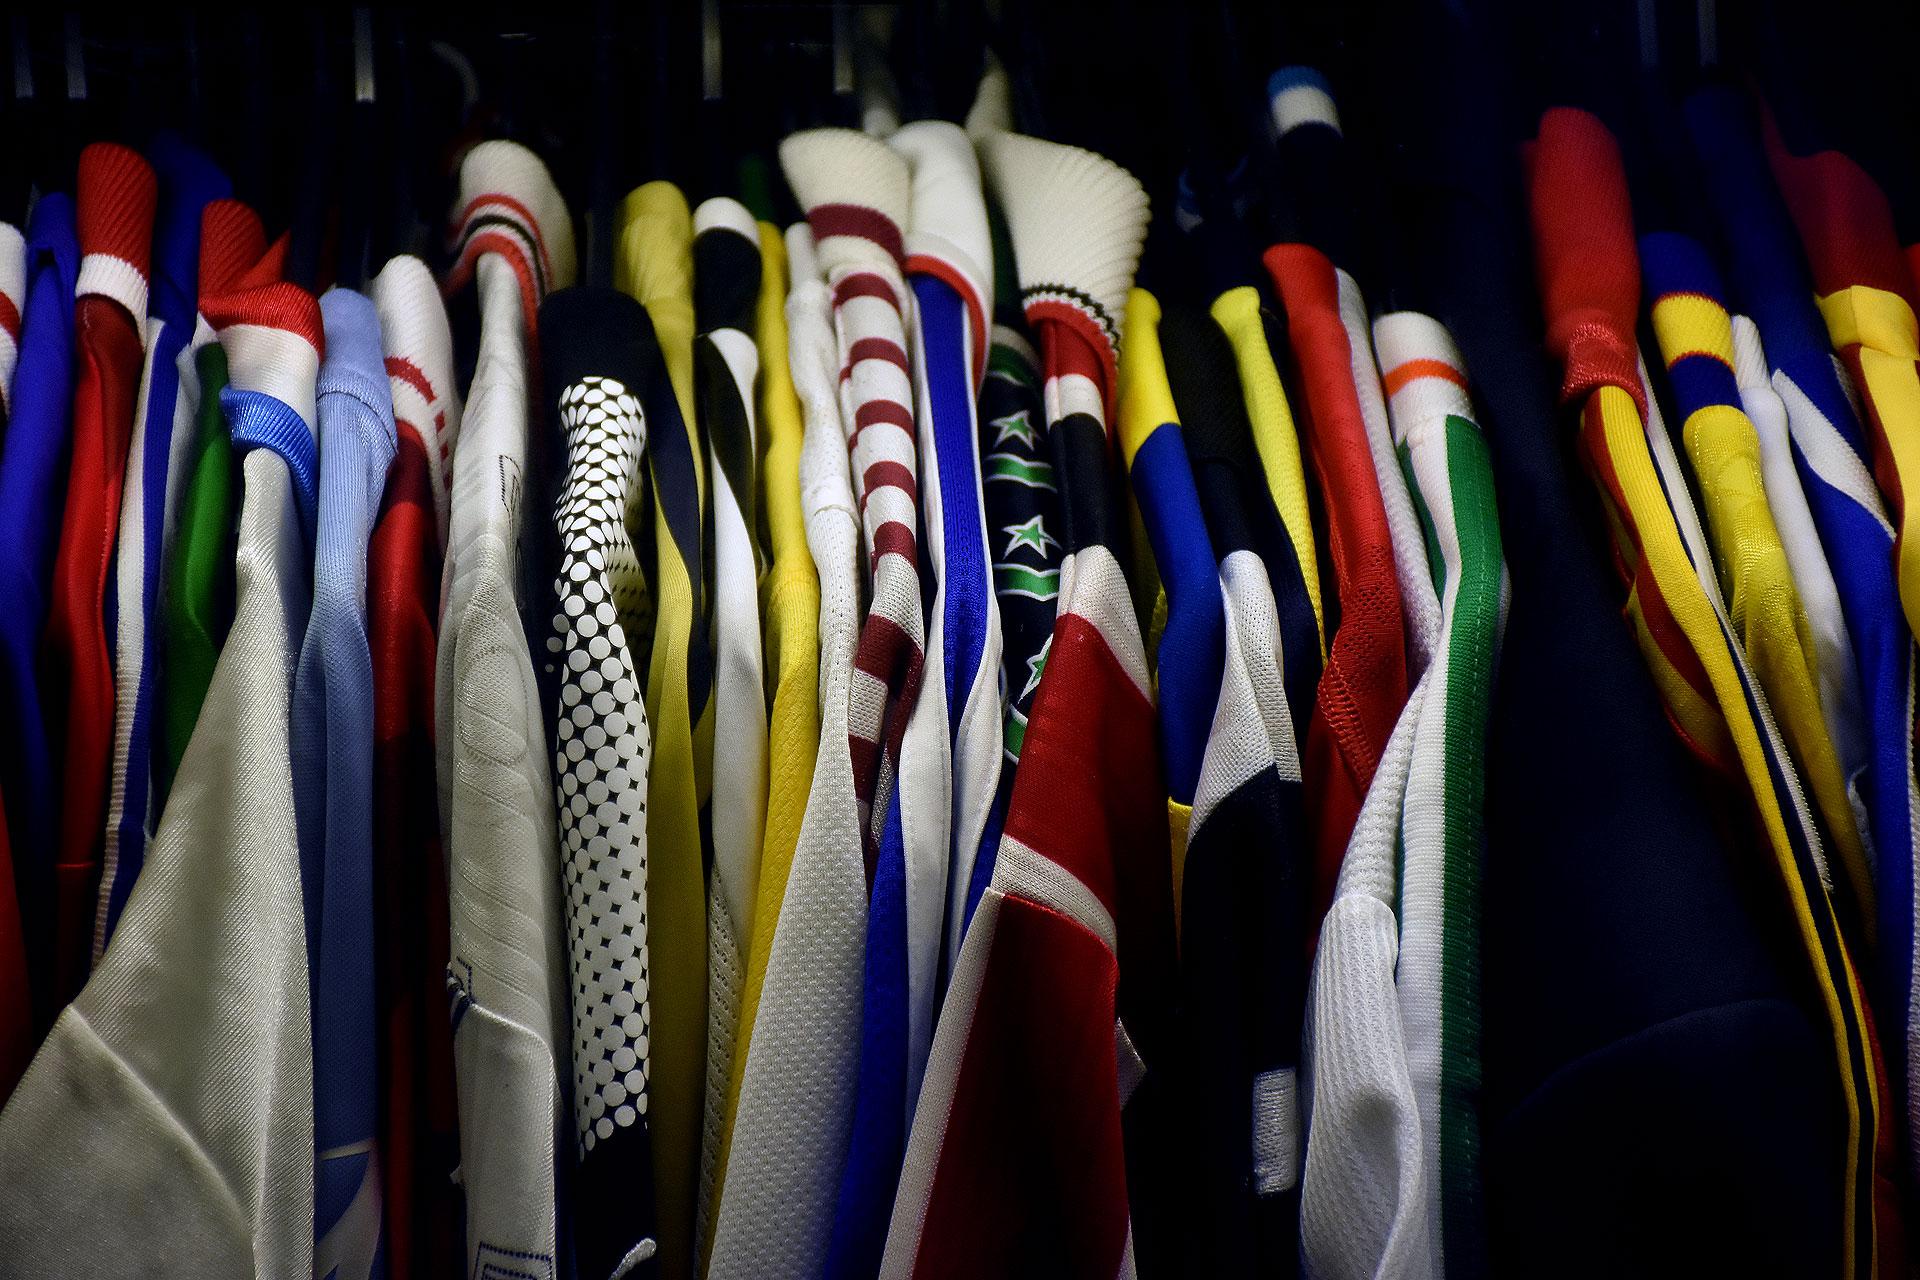 Perchero que combina colores y diseños de variada indumentaria internacional (Nicolas Stulberg)